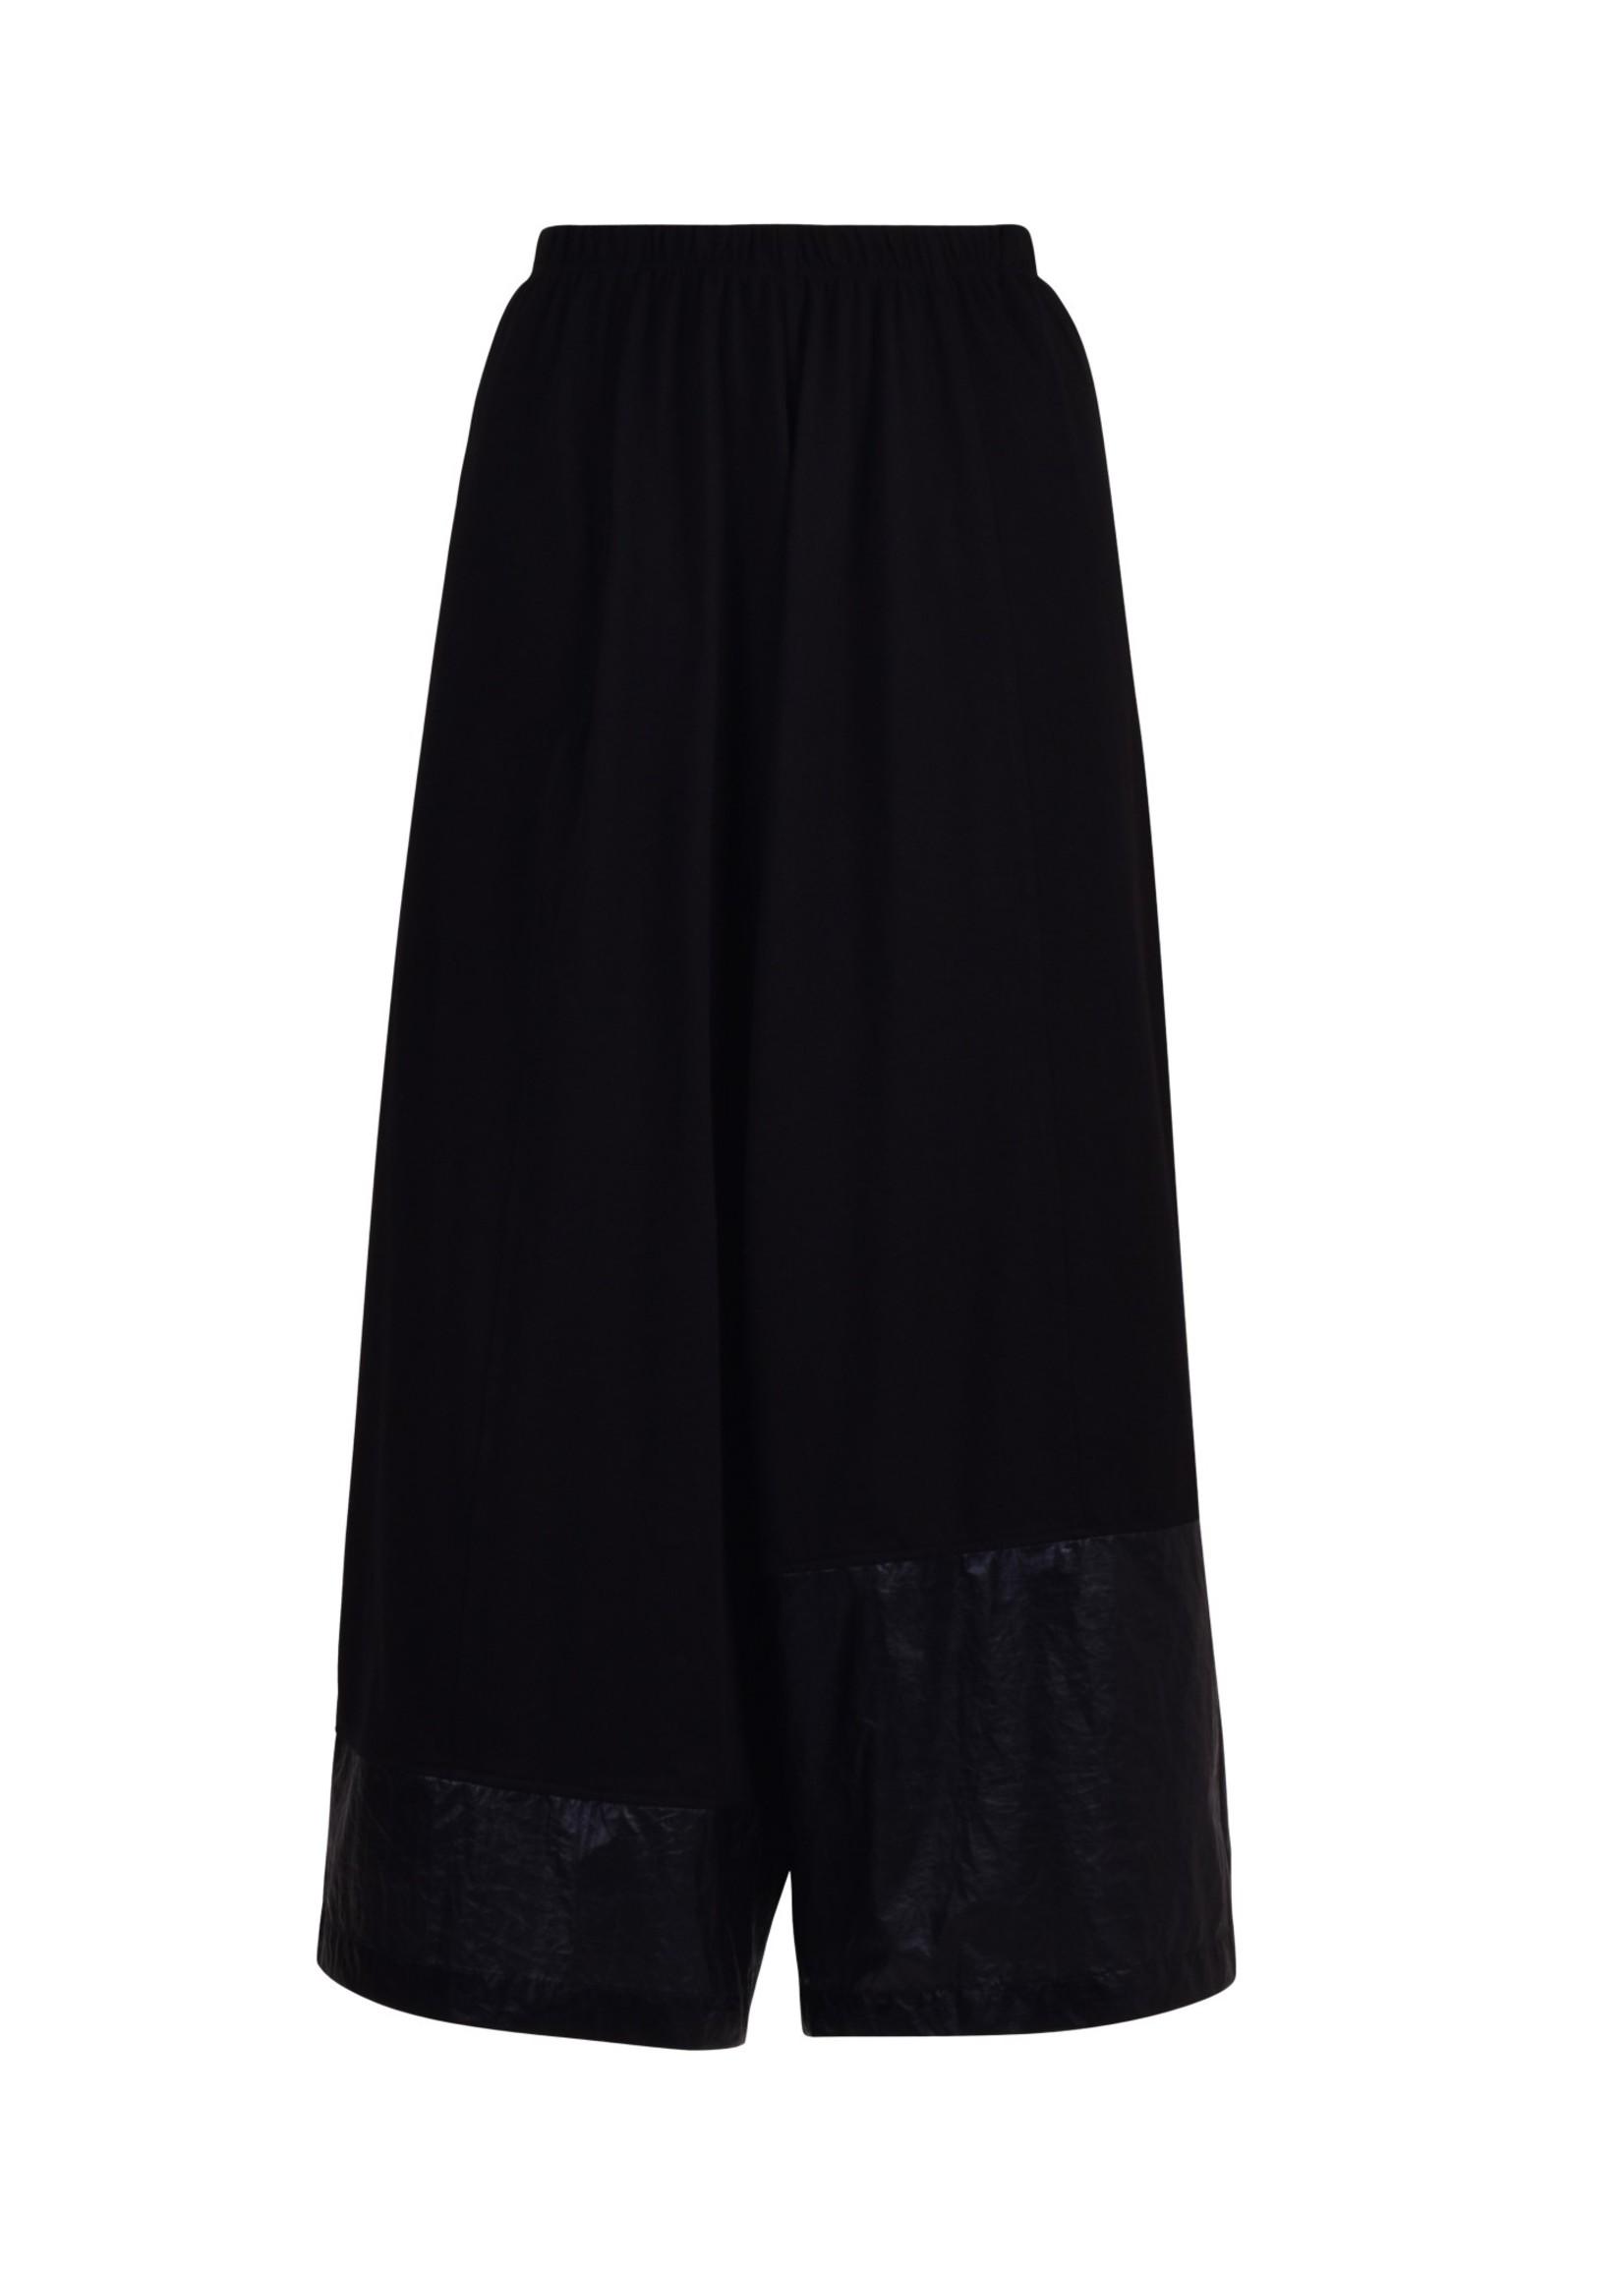 ALEMBIKA bp729 black wide leg pant